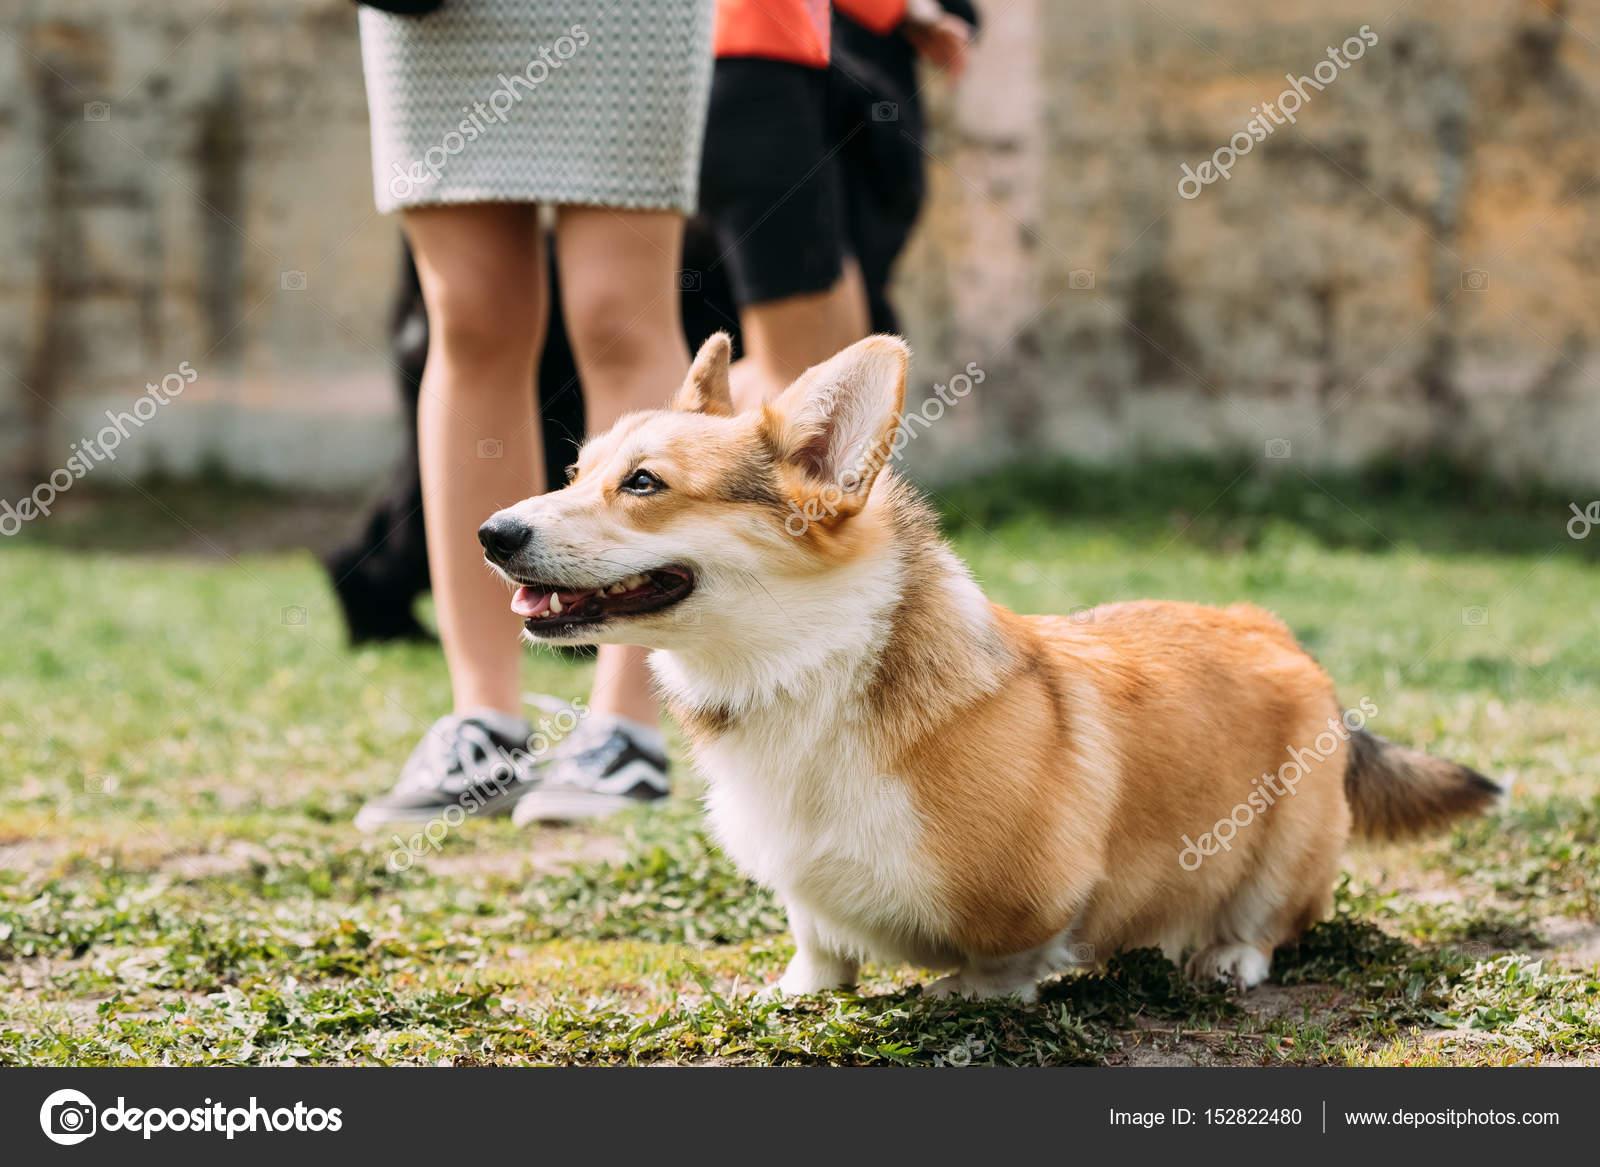 Masywnie Pies Welsh Corgi Pembroke jest mały typu pasterski pies, który IQ01